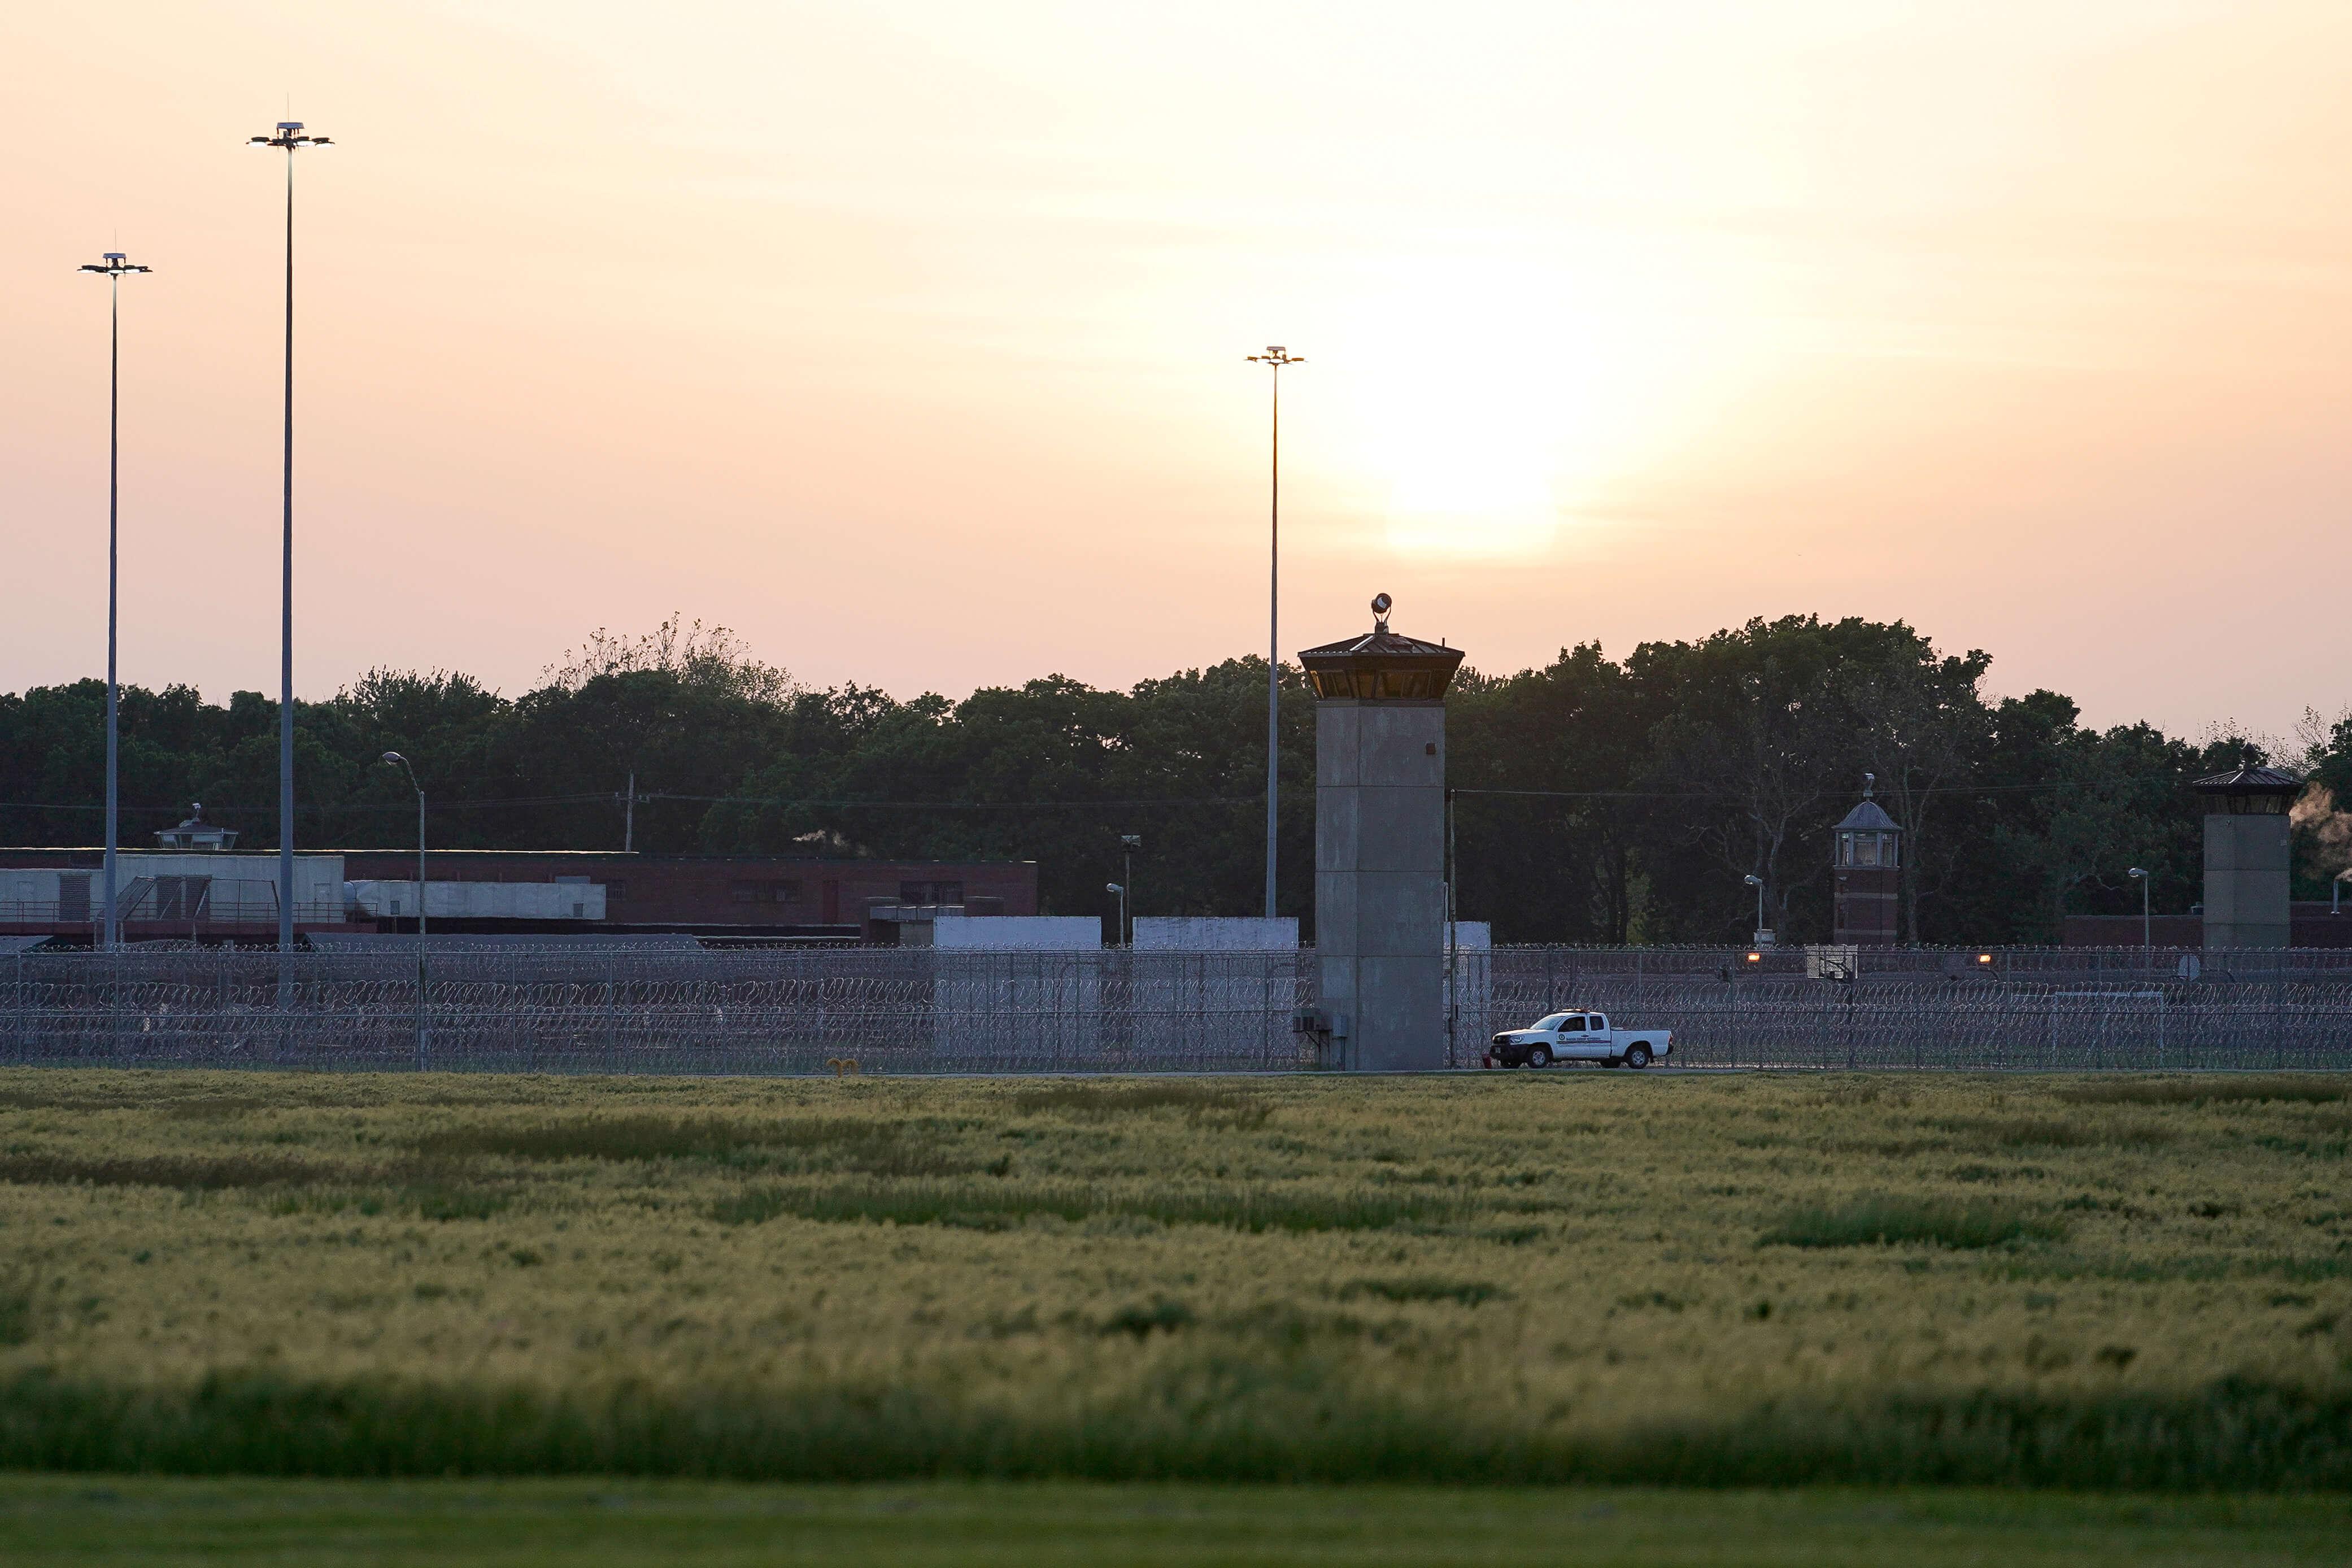 Θανατική ποινή στην Ευρώπη! Εκτελέστηκε 45χρονος για την δολοφονία τριών ανθρώπων